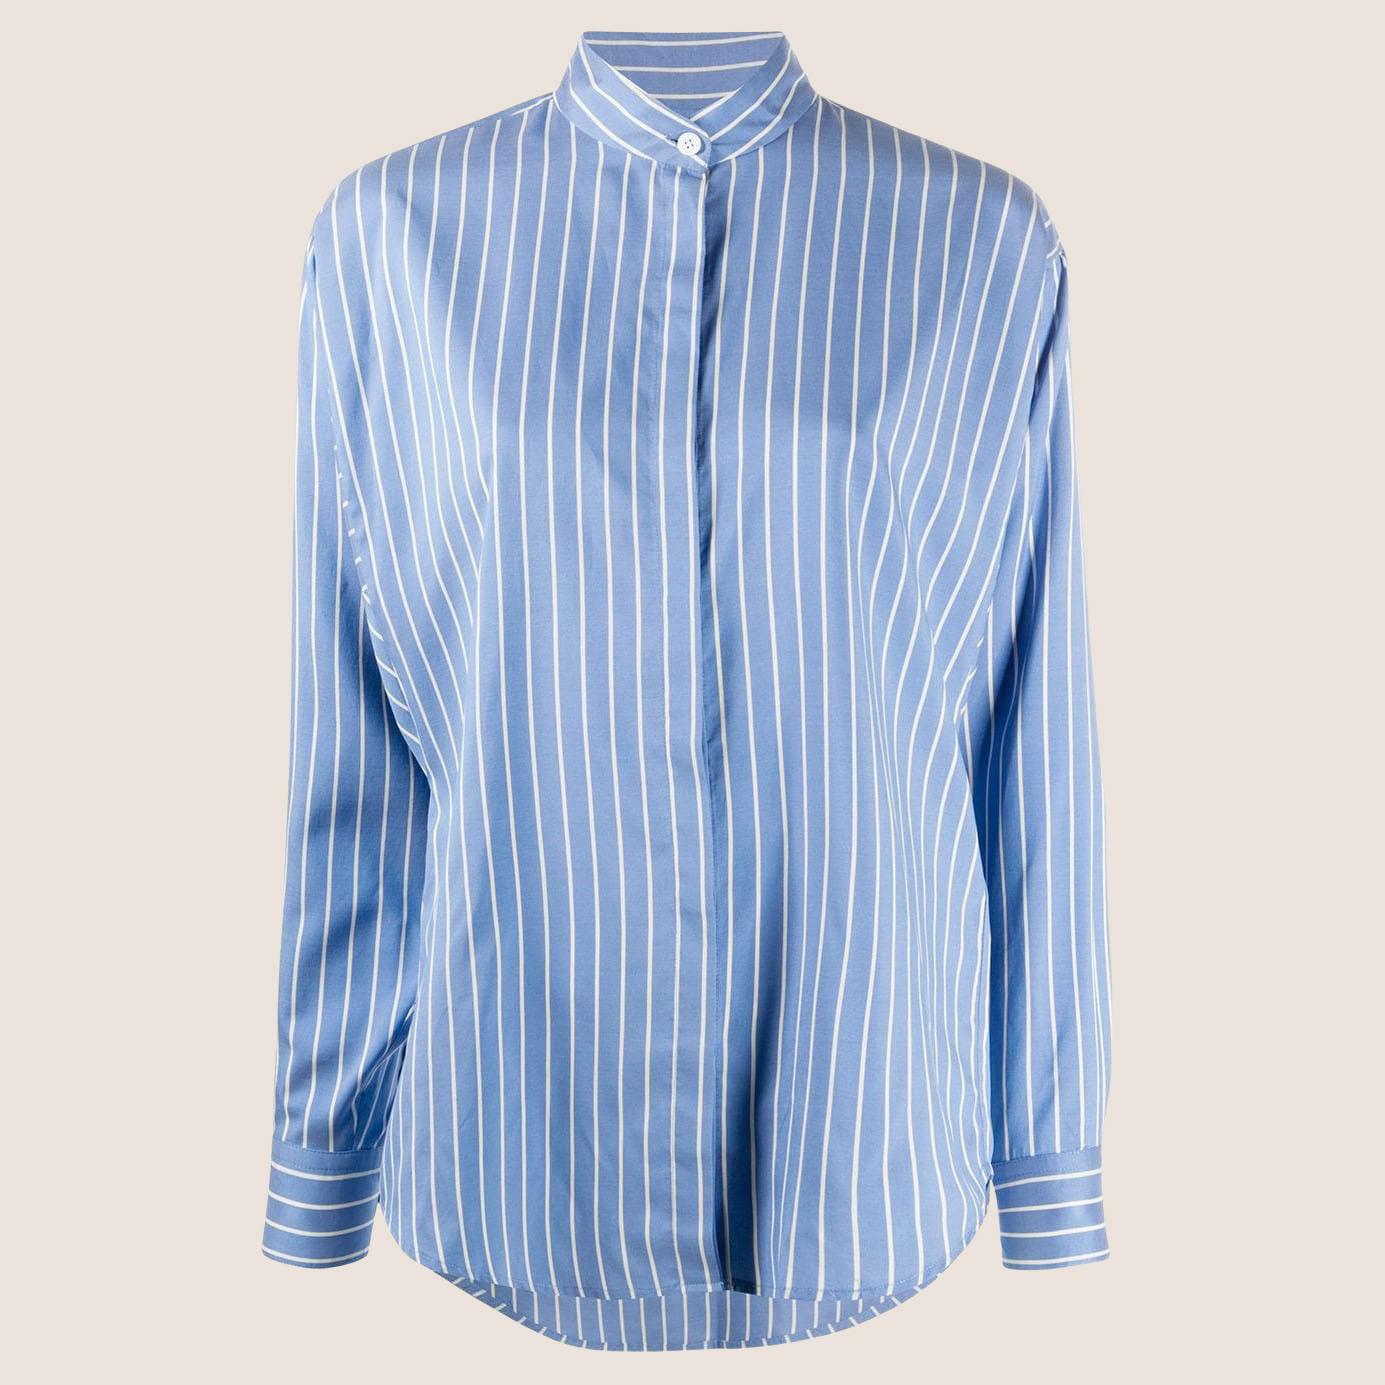 Watchell Shirt